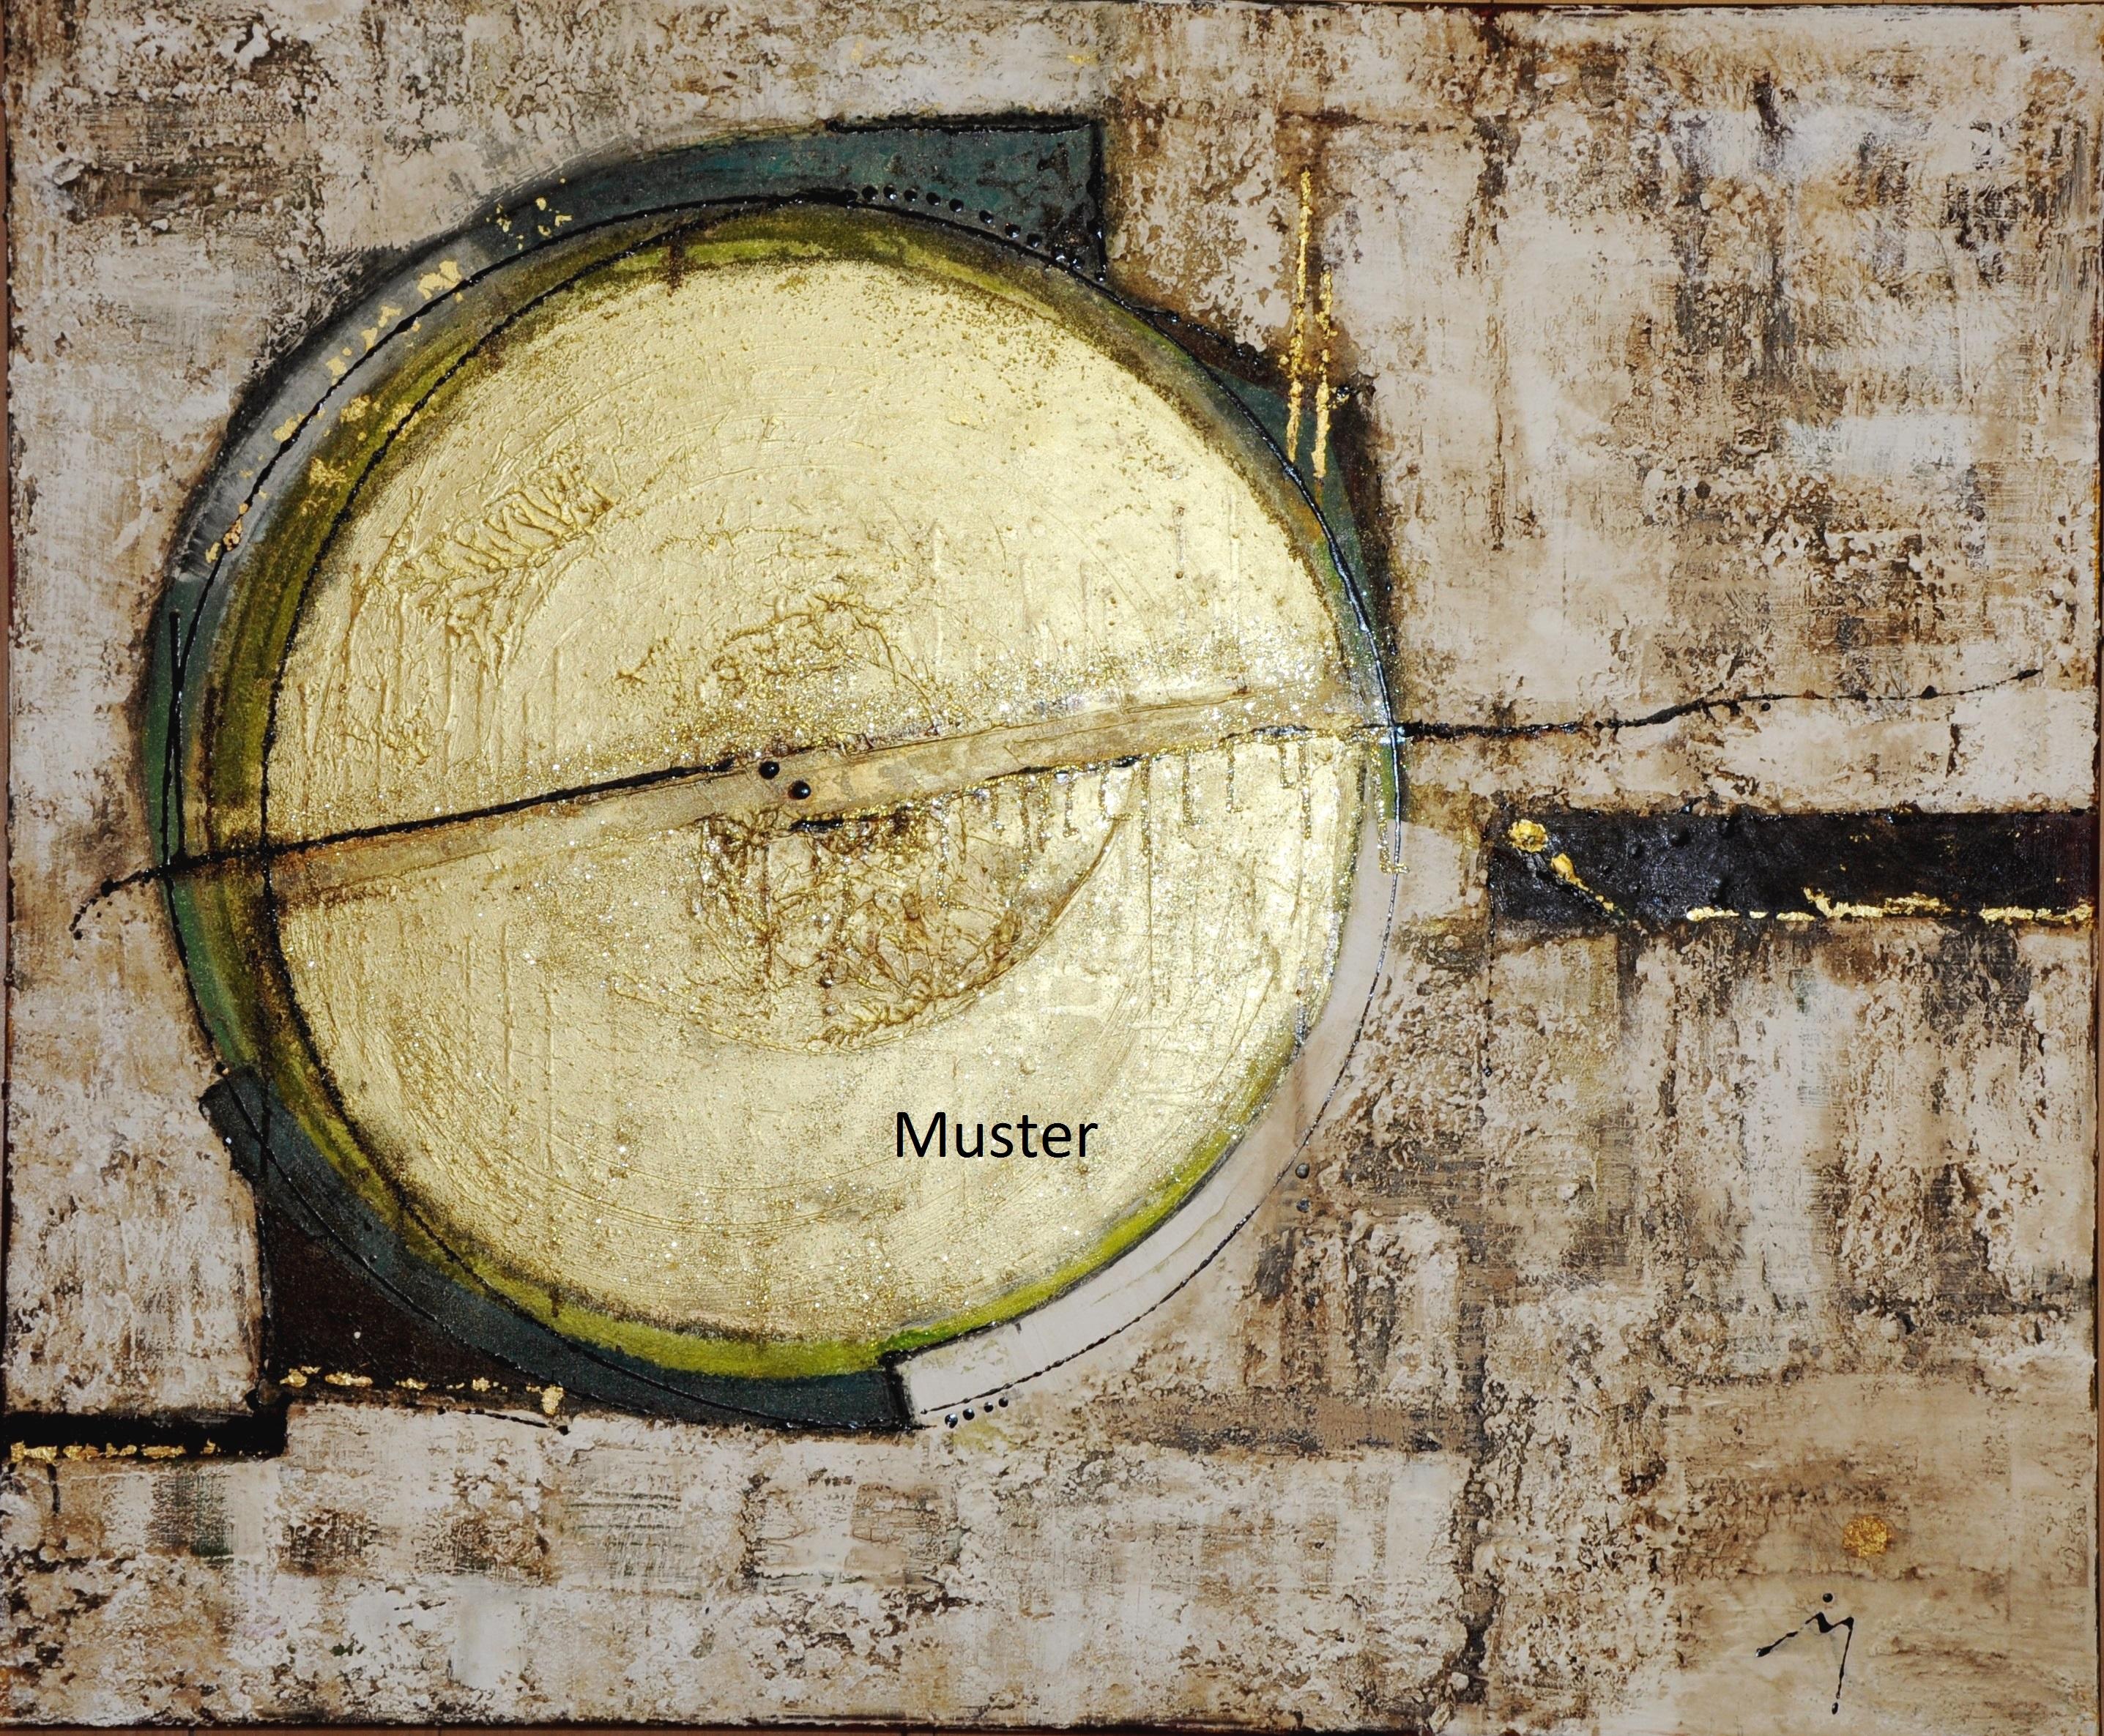 DSC_4937_Muster